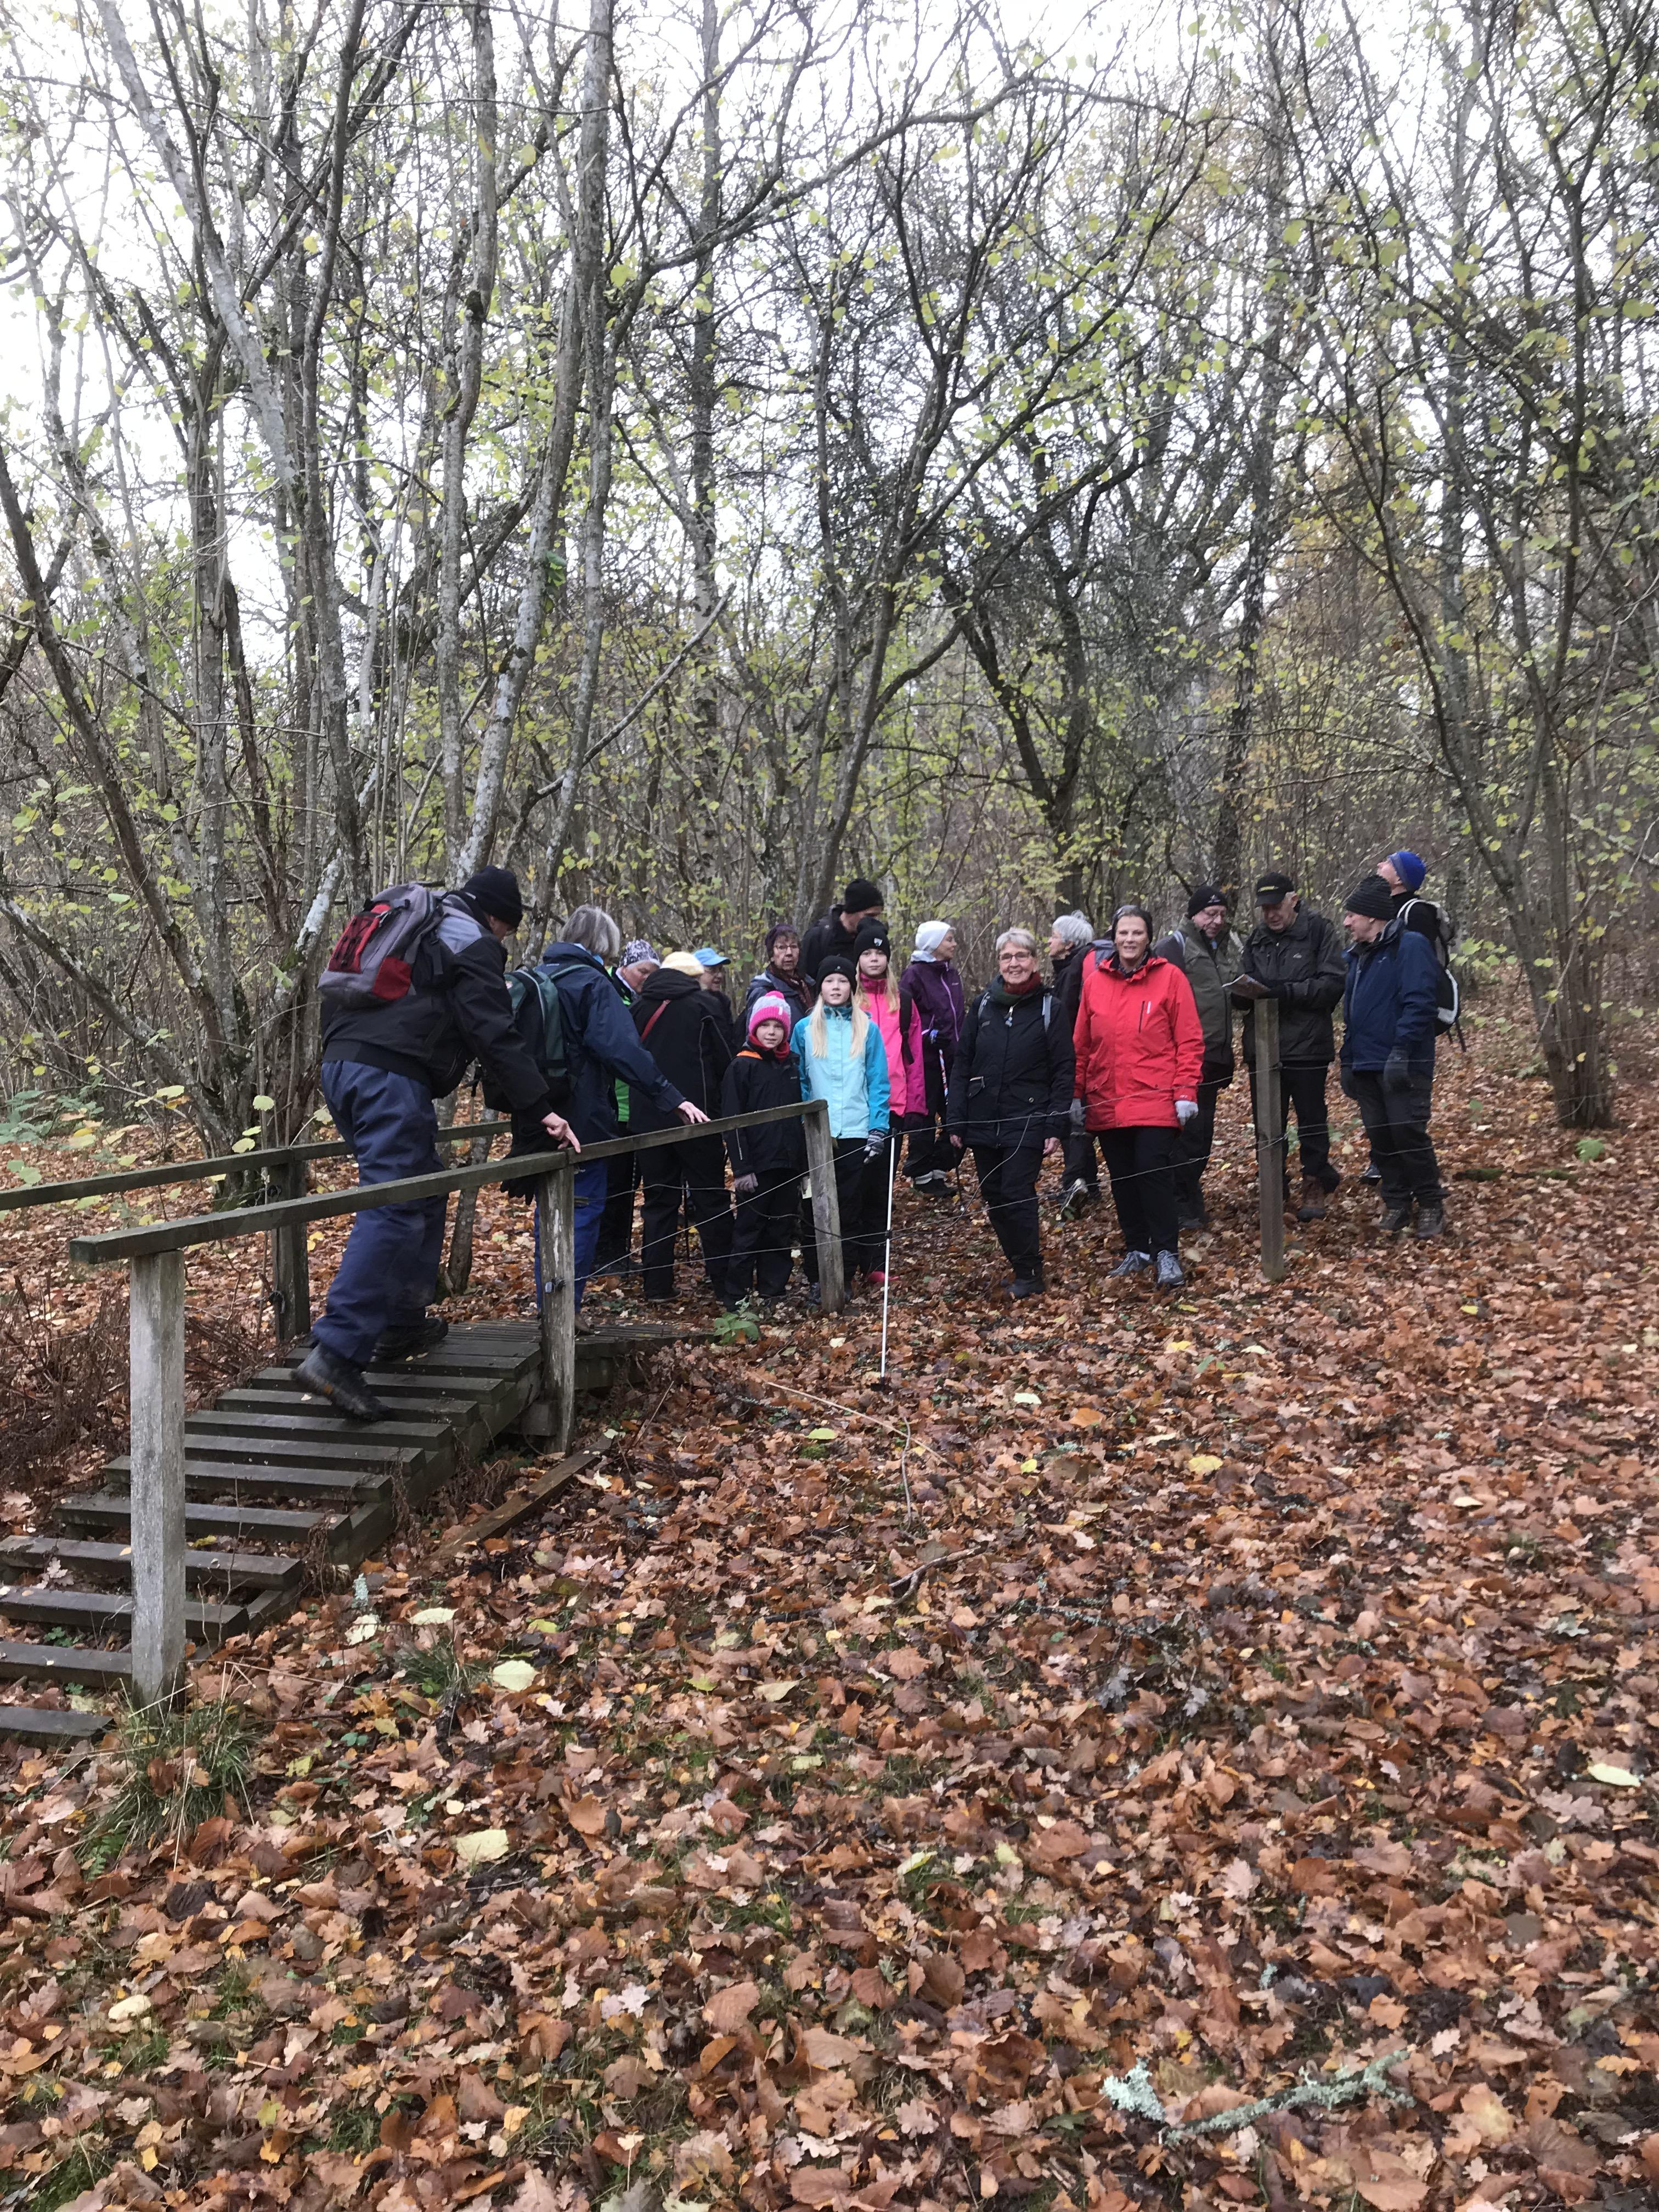 Turen började genom grov ek- och bokskog med betesfållor med passager.